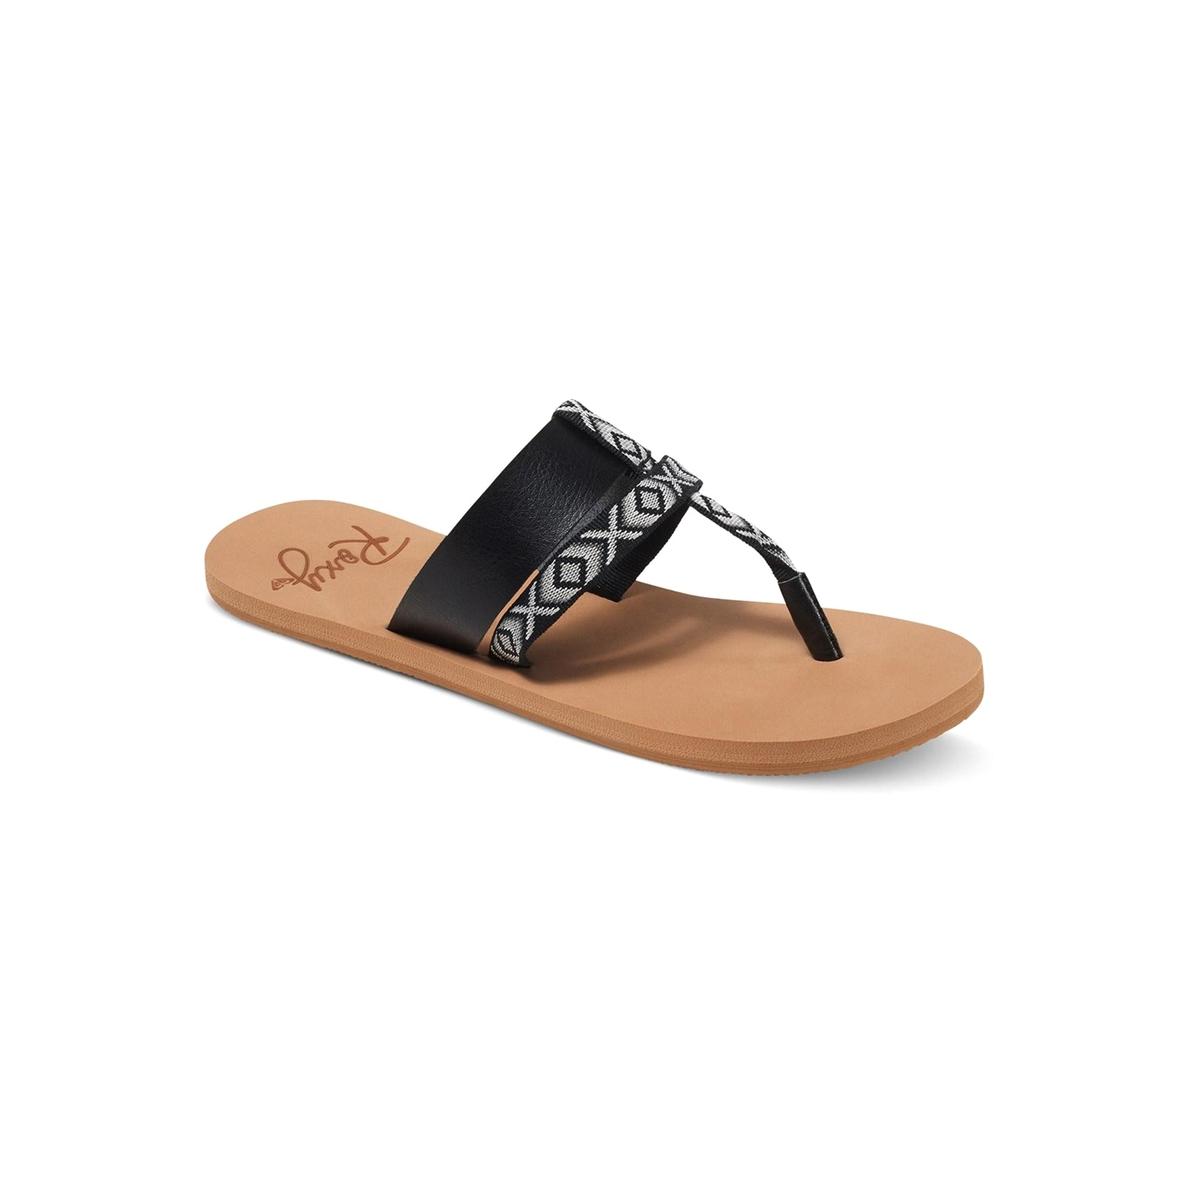 Сандалии KahulaВерх : синтетика   Подошва : каучук   Форма каблука : плоский каблук   Мысок : открытый мысок   Застежка : без застежки<br><br>Цвет: черный<br>Размер: 39